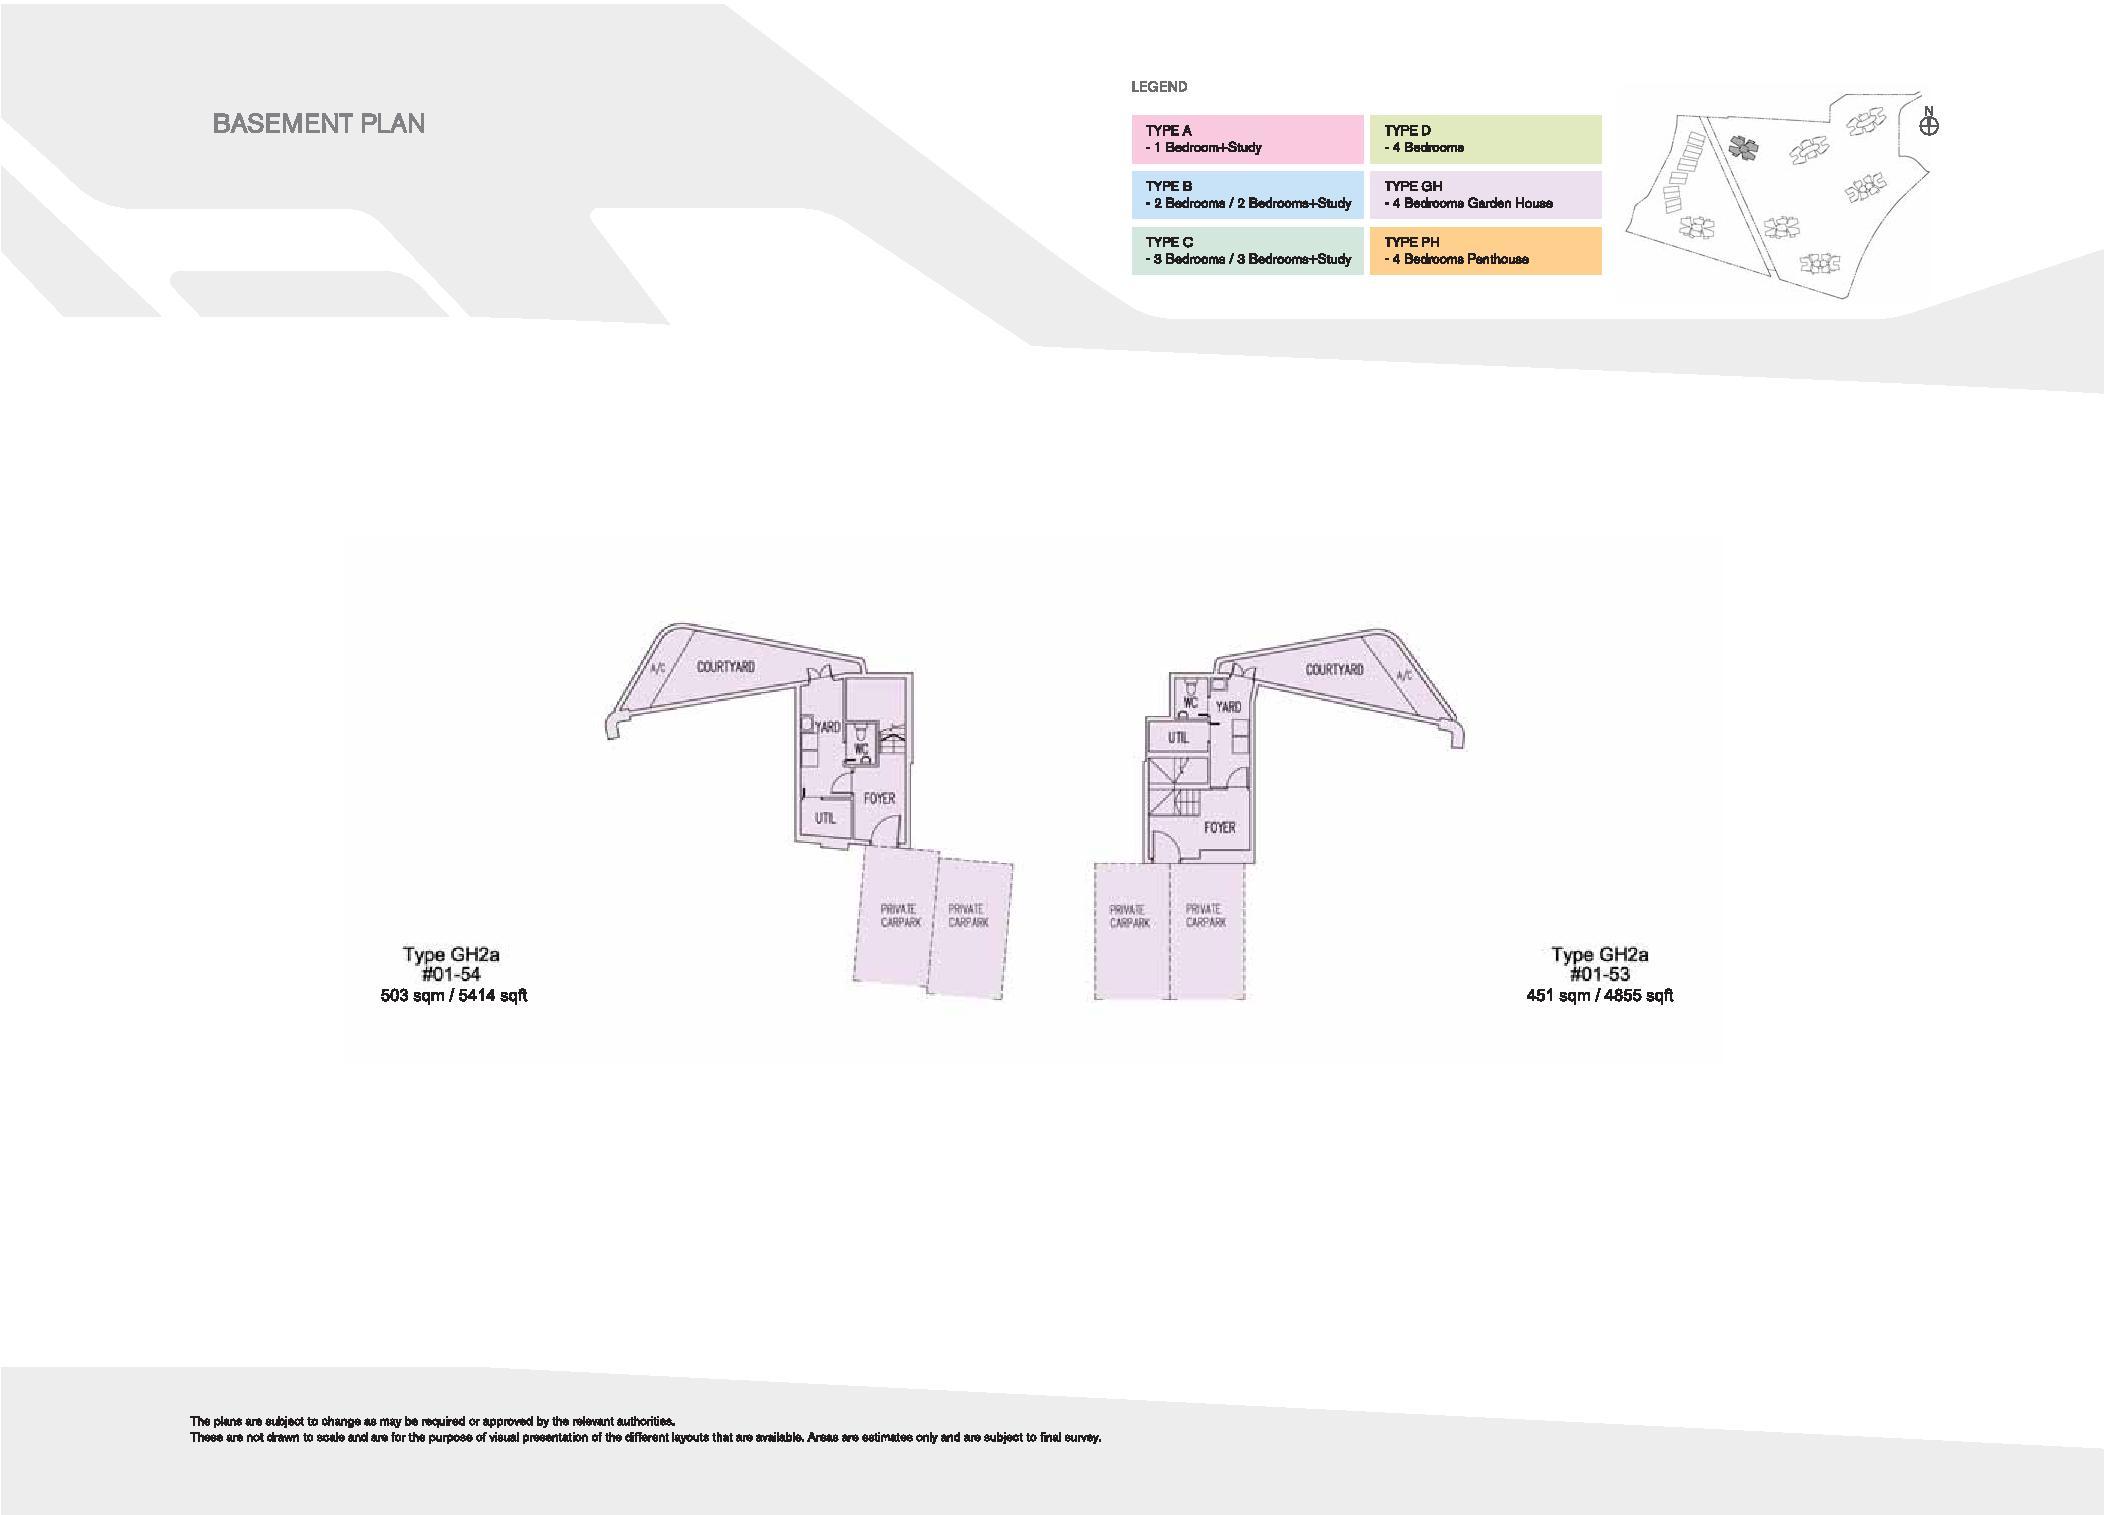 D'Leedon Block 15 Basement Floor Plans